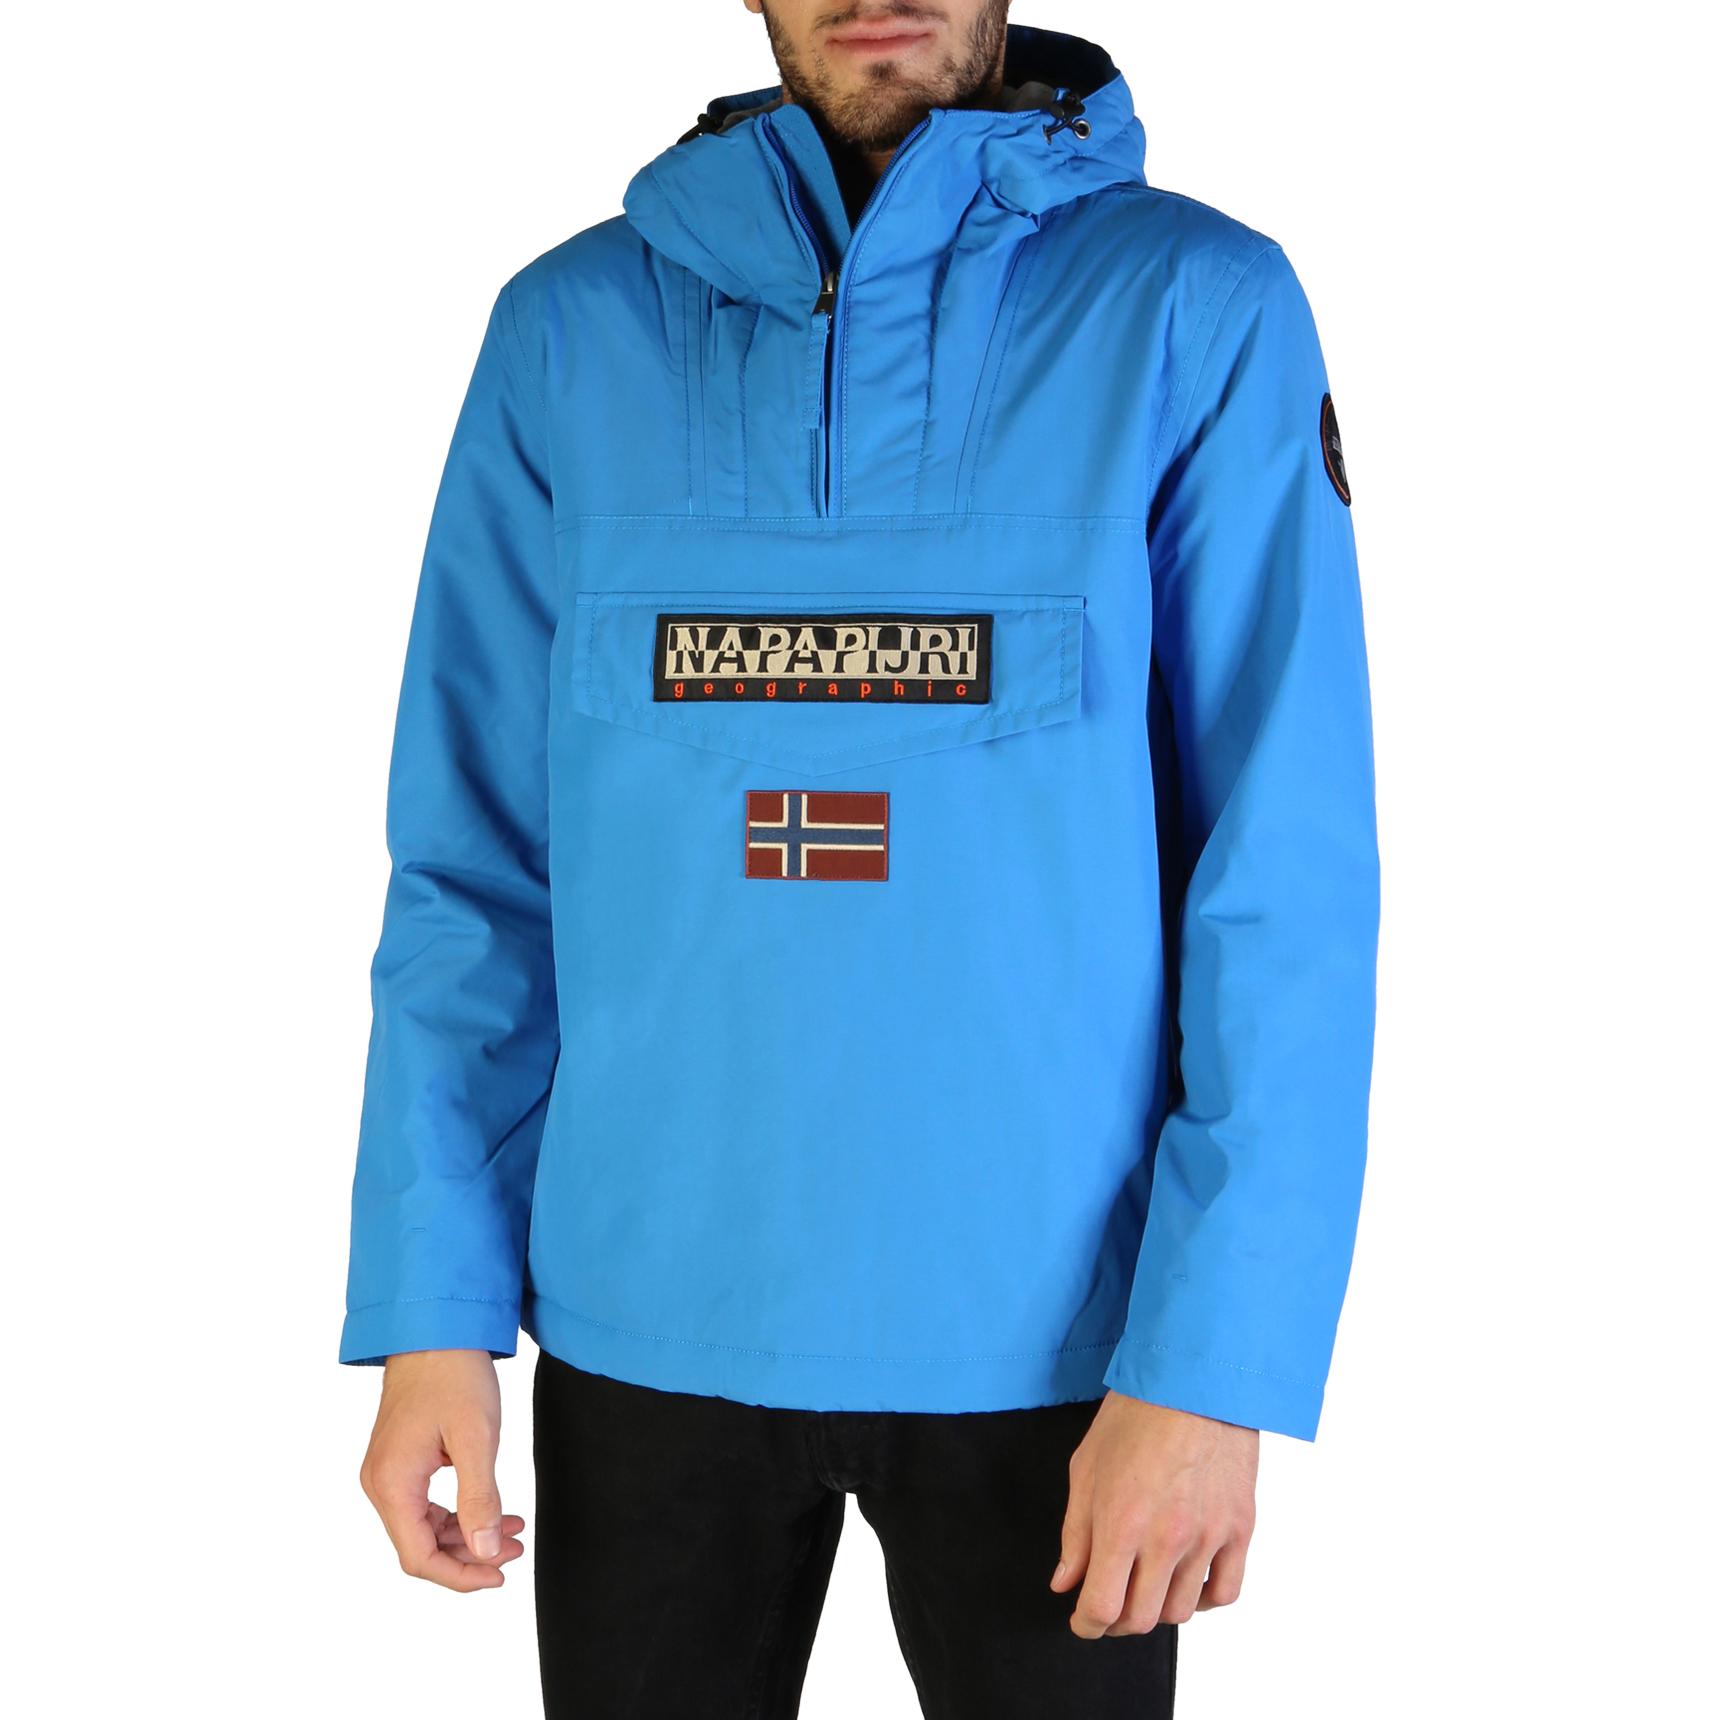 Blousons / doudounes  Napapijri RAINFOREST_N0YGN blue